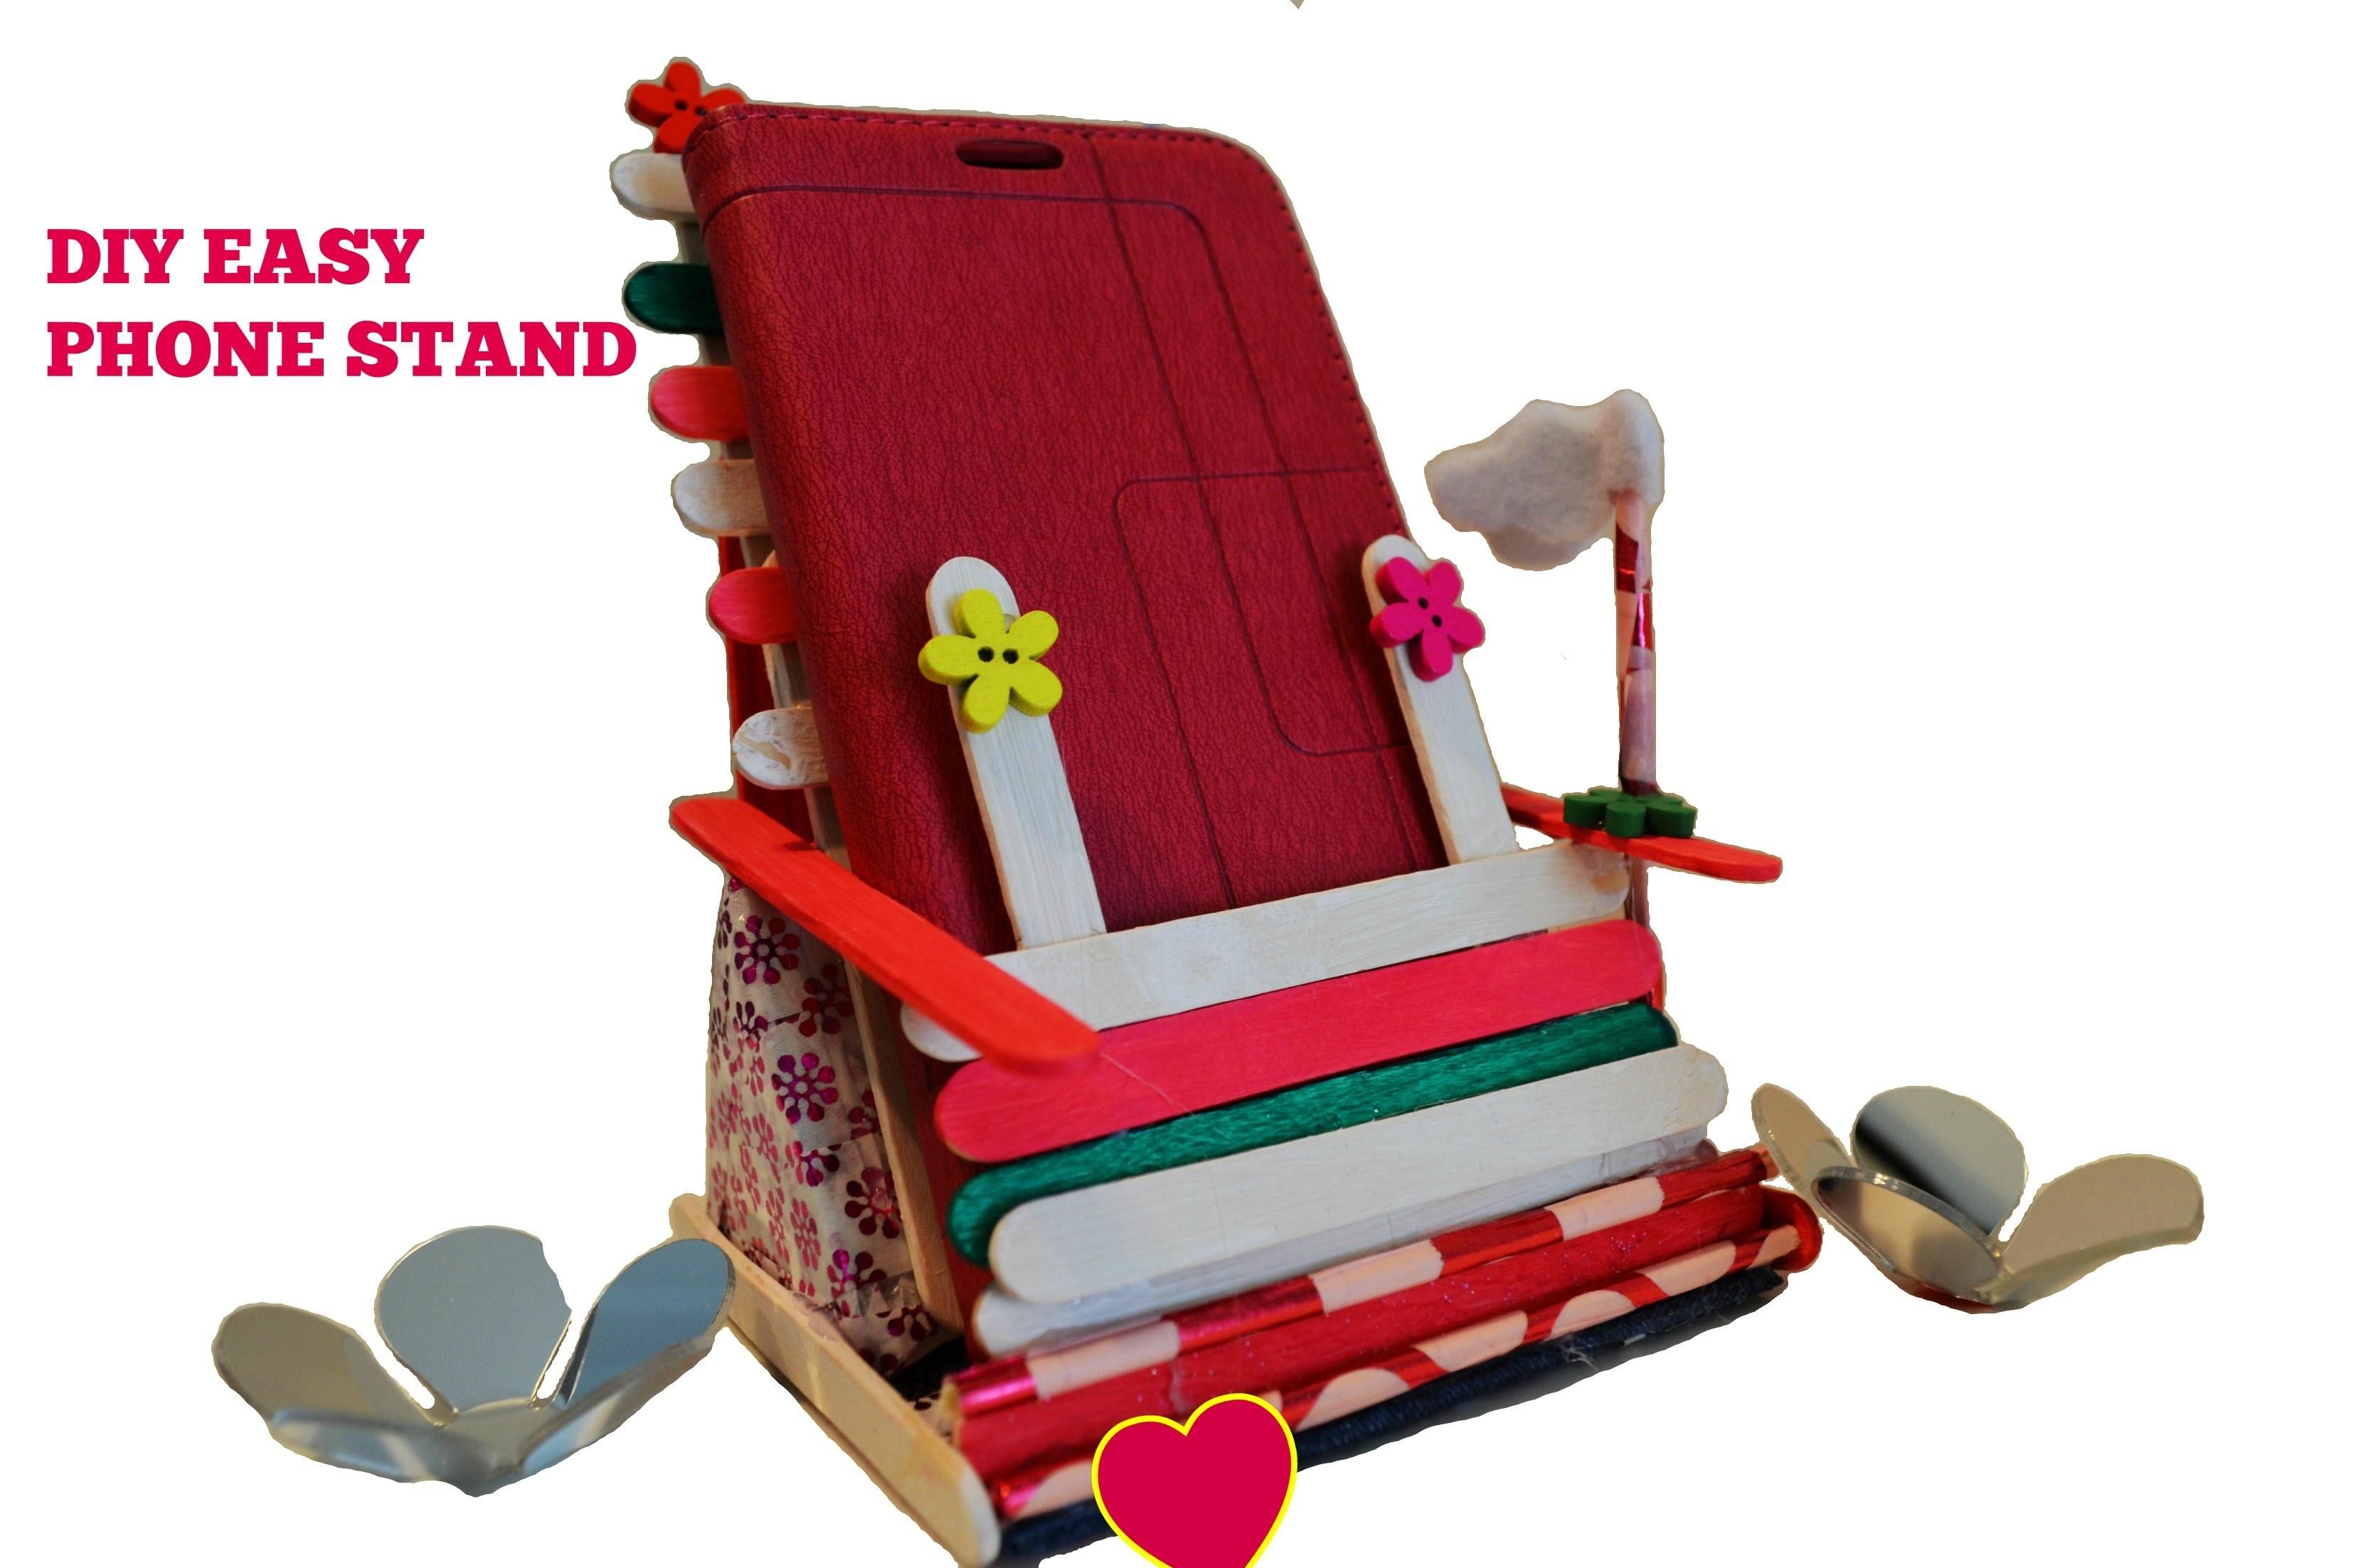 Diy Crafts Diy Phone Standholder Using Popsicle Sticks Cardboard